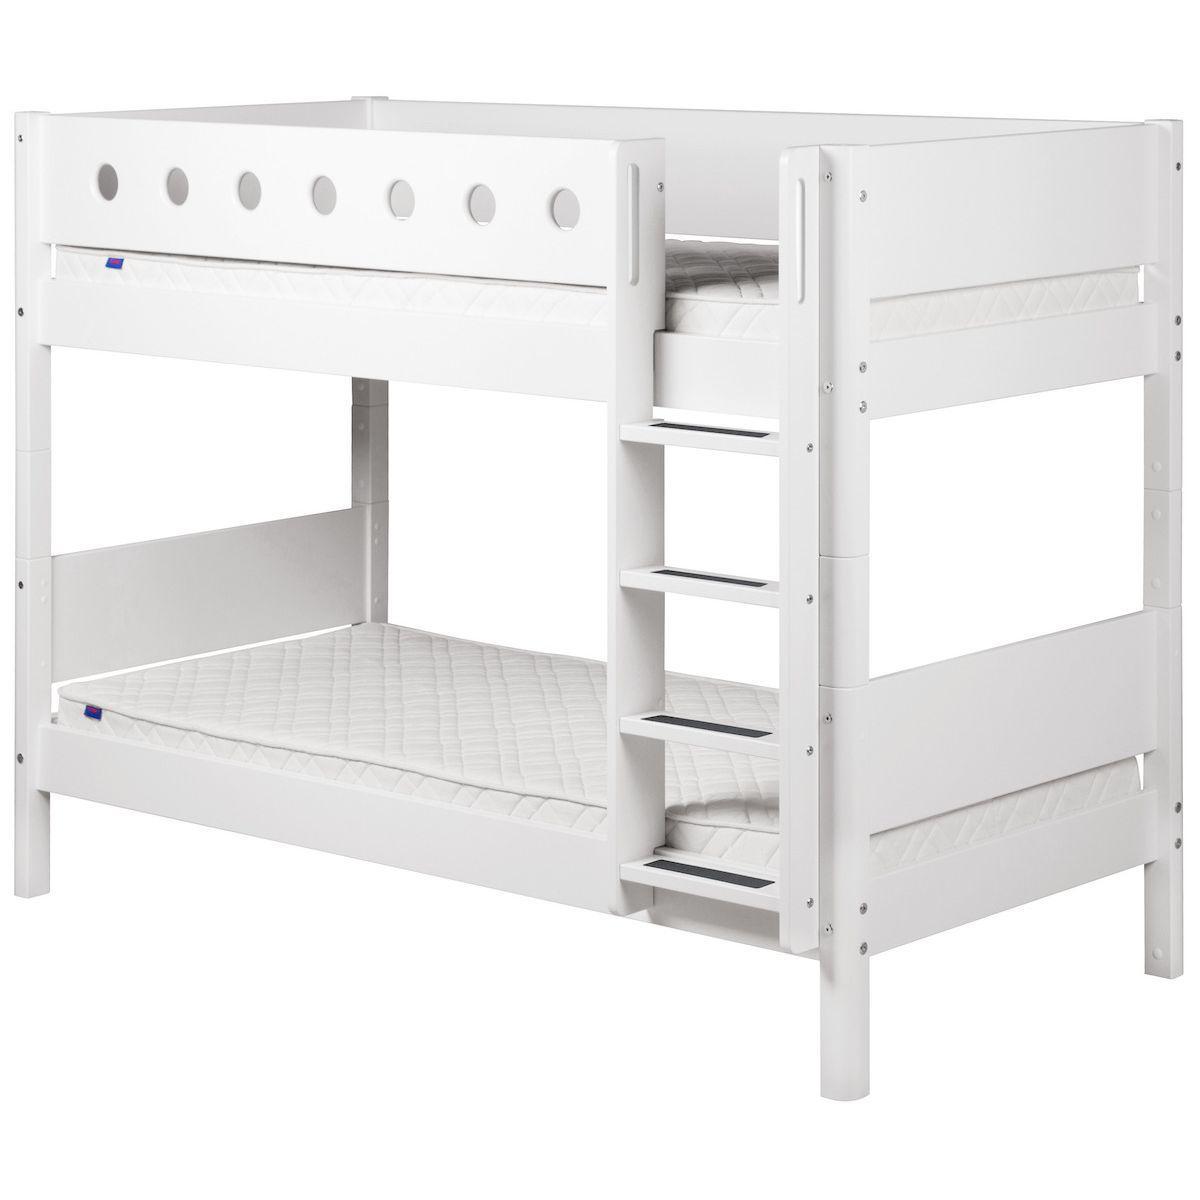 WHITE by Flexa Lits superposés en MDF 90x190 cm avec barrière de sécurité blanche et pieds blancs